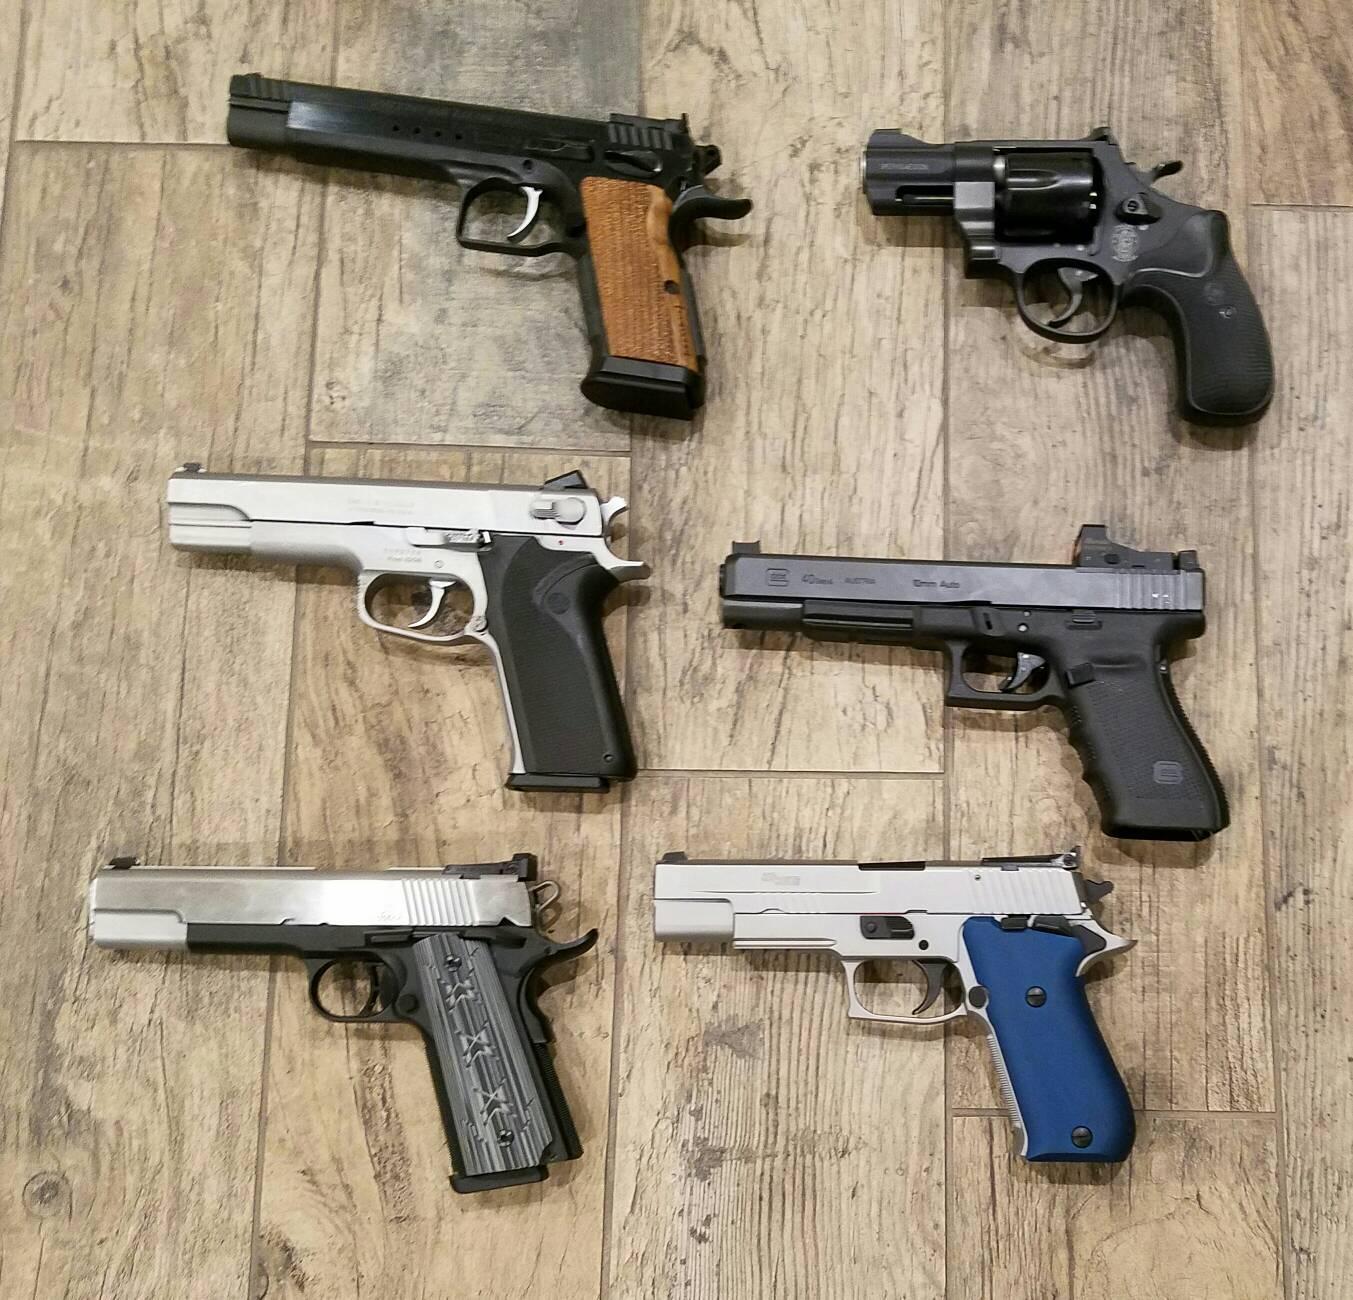 10mm pick: Colt Delta Elite, Tanfoglio, Glock 20, or Sig